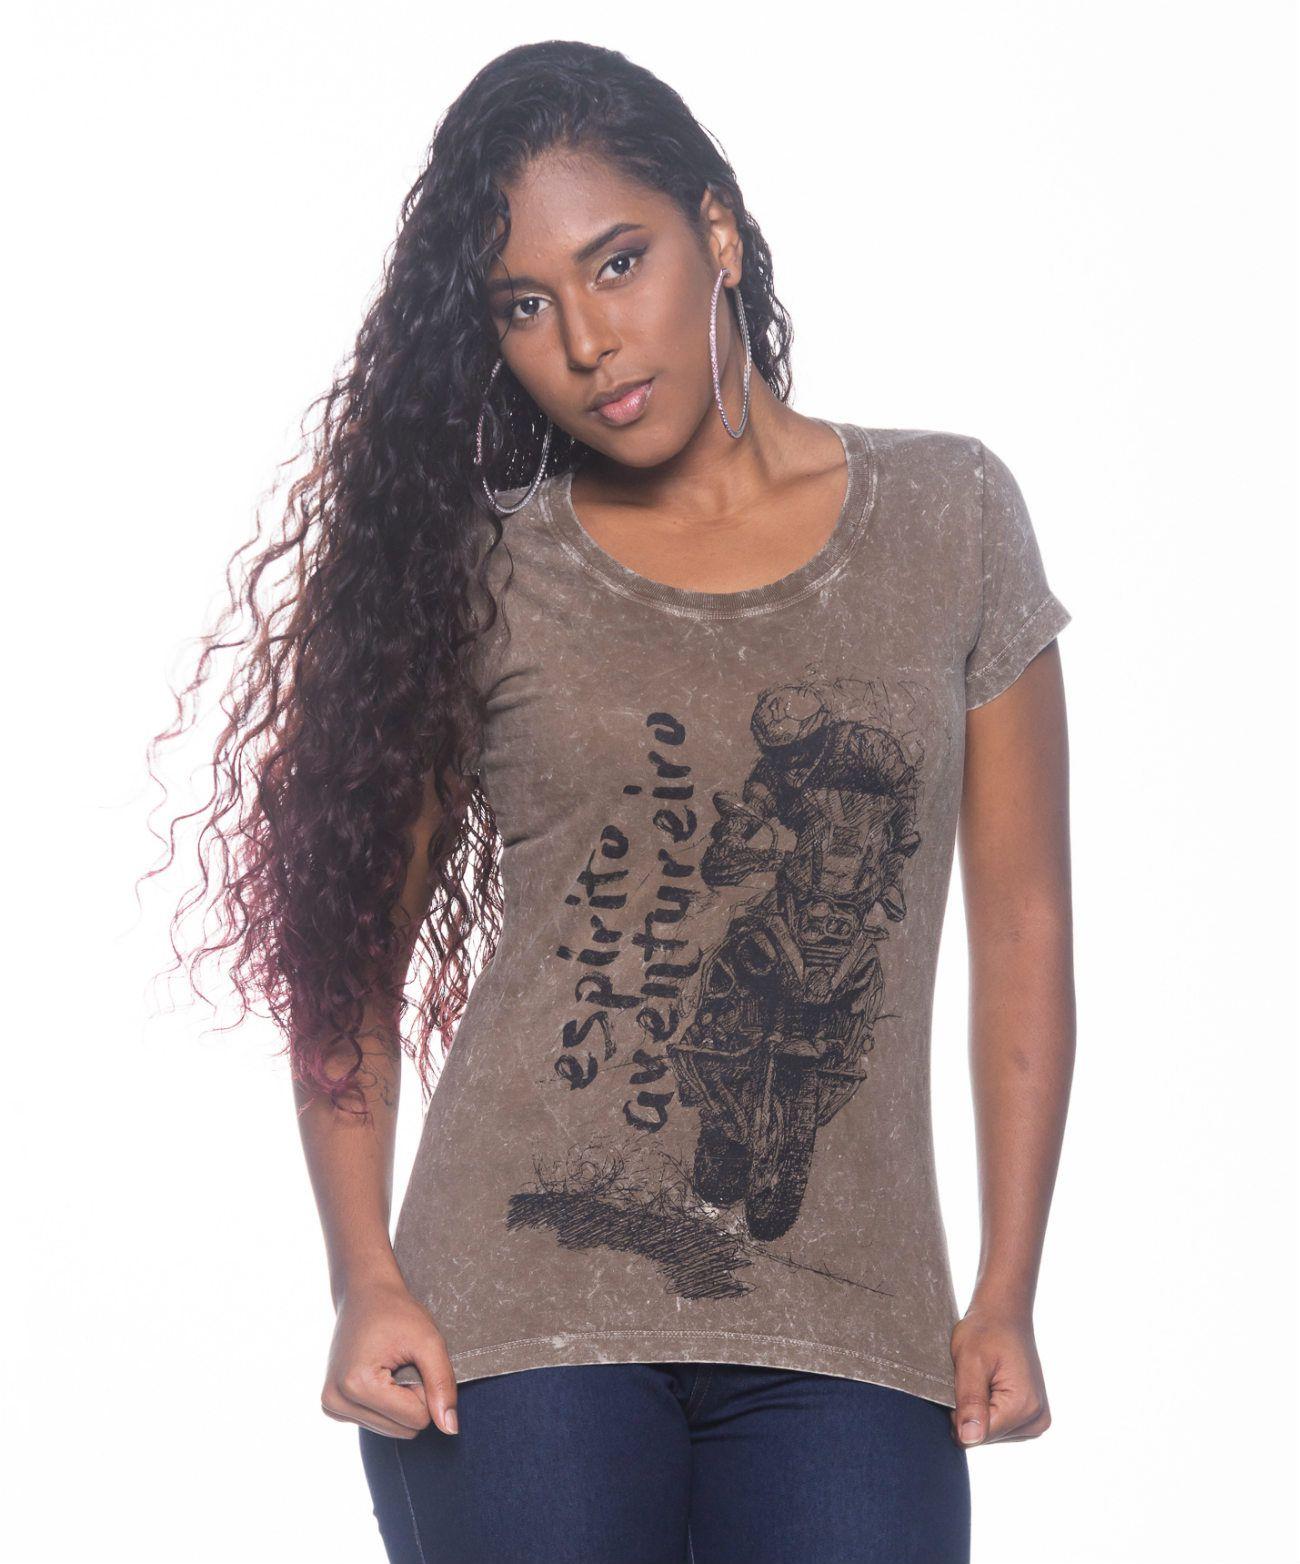 Camiseta Feminina Espirito Aventureiro